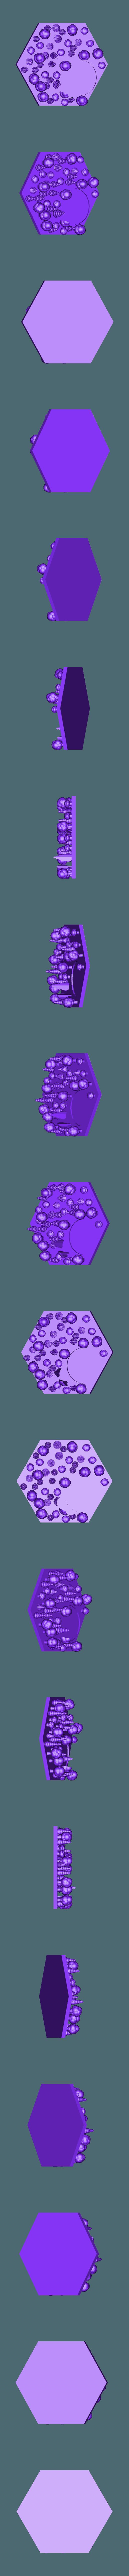 Catan_-_Wood3.stl Télécharger fichier STL gratuit Jeu complet de carreaux Catan - Buse simple, multicouches multicolores • Objet pour impression 3D, Hardcore3D